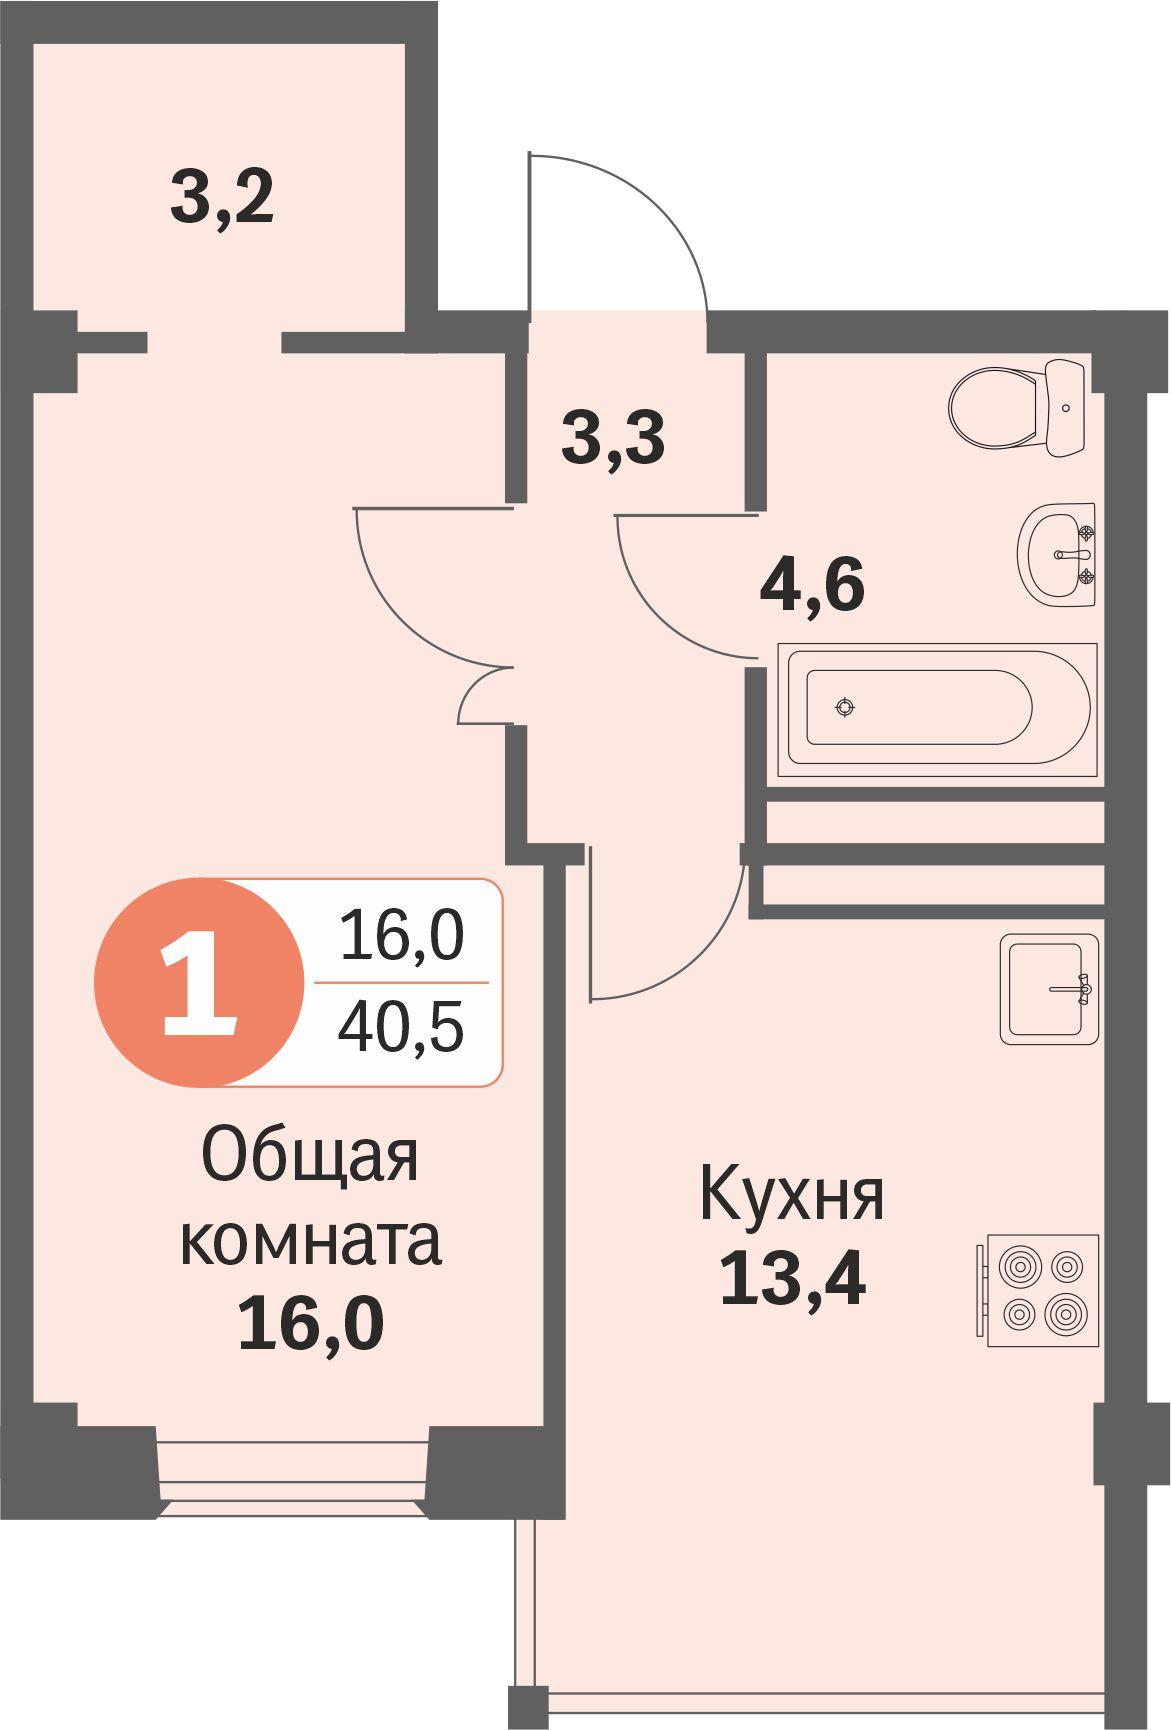 ул. Свиридова д.8, квартира 422 - Однокомнатная